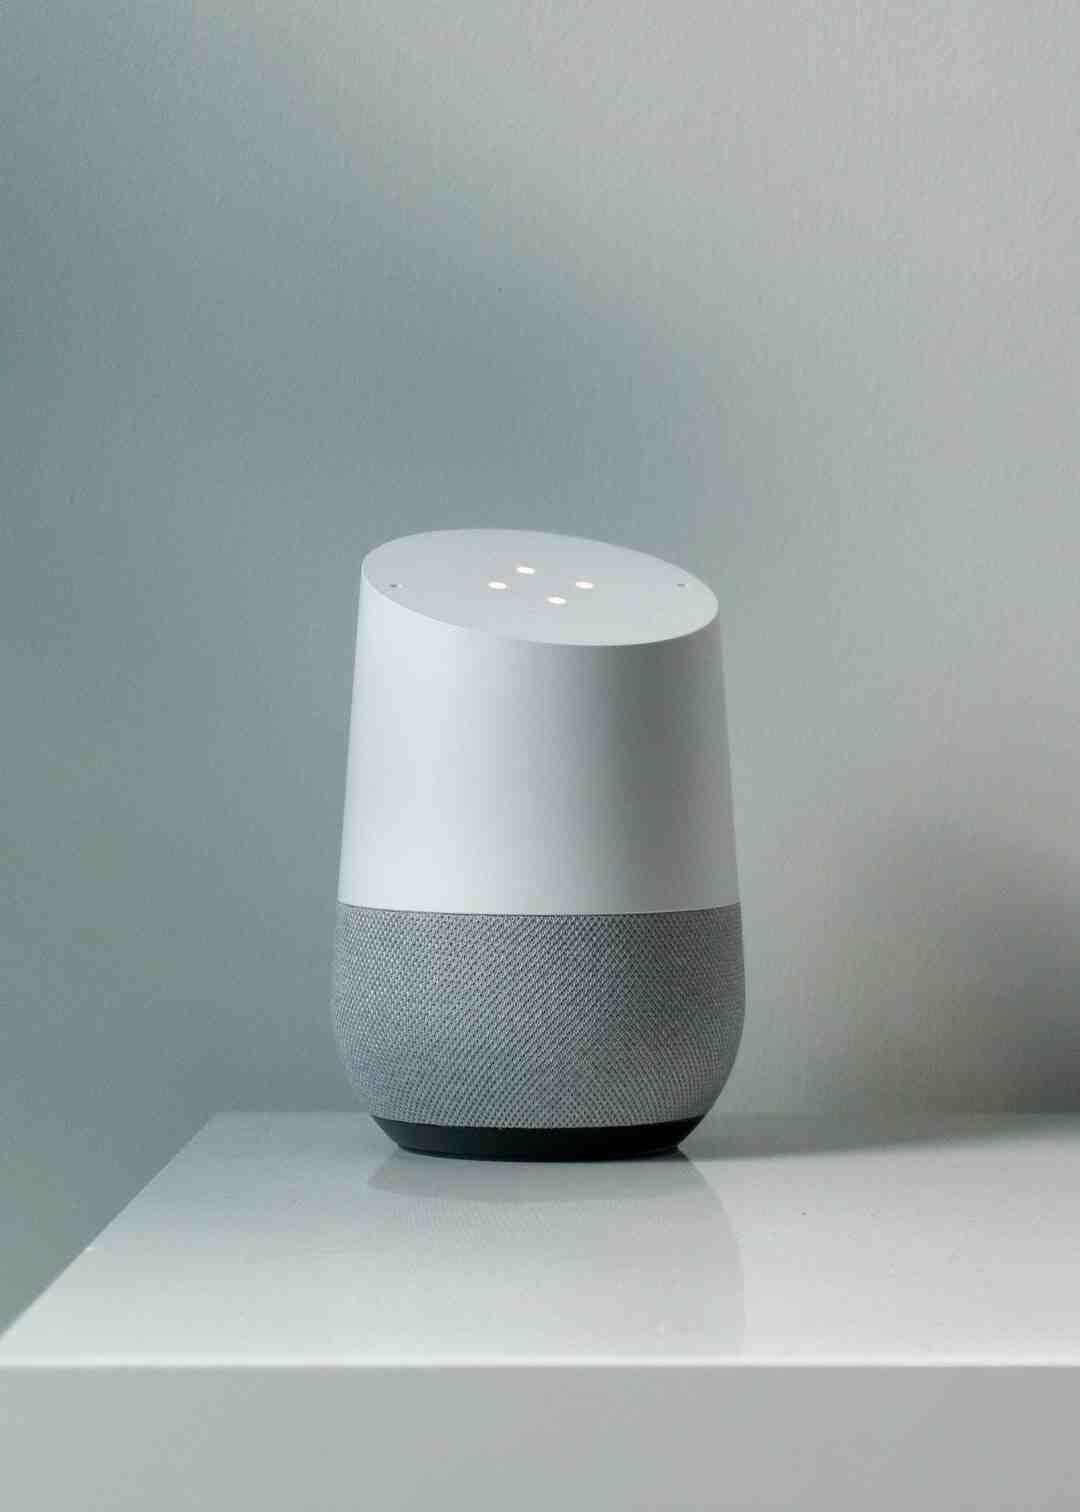 Comment installer un assistant Google ?